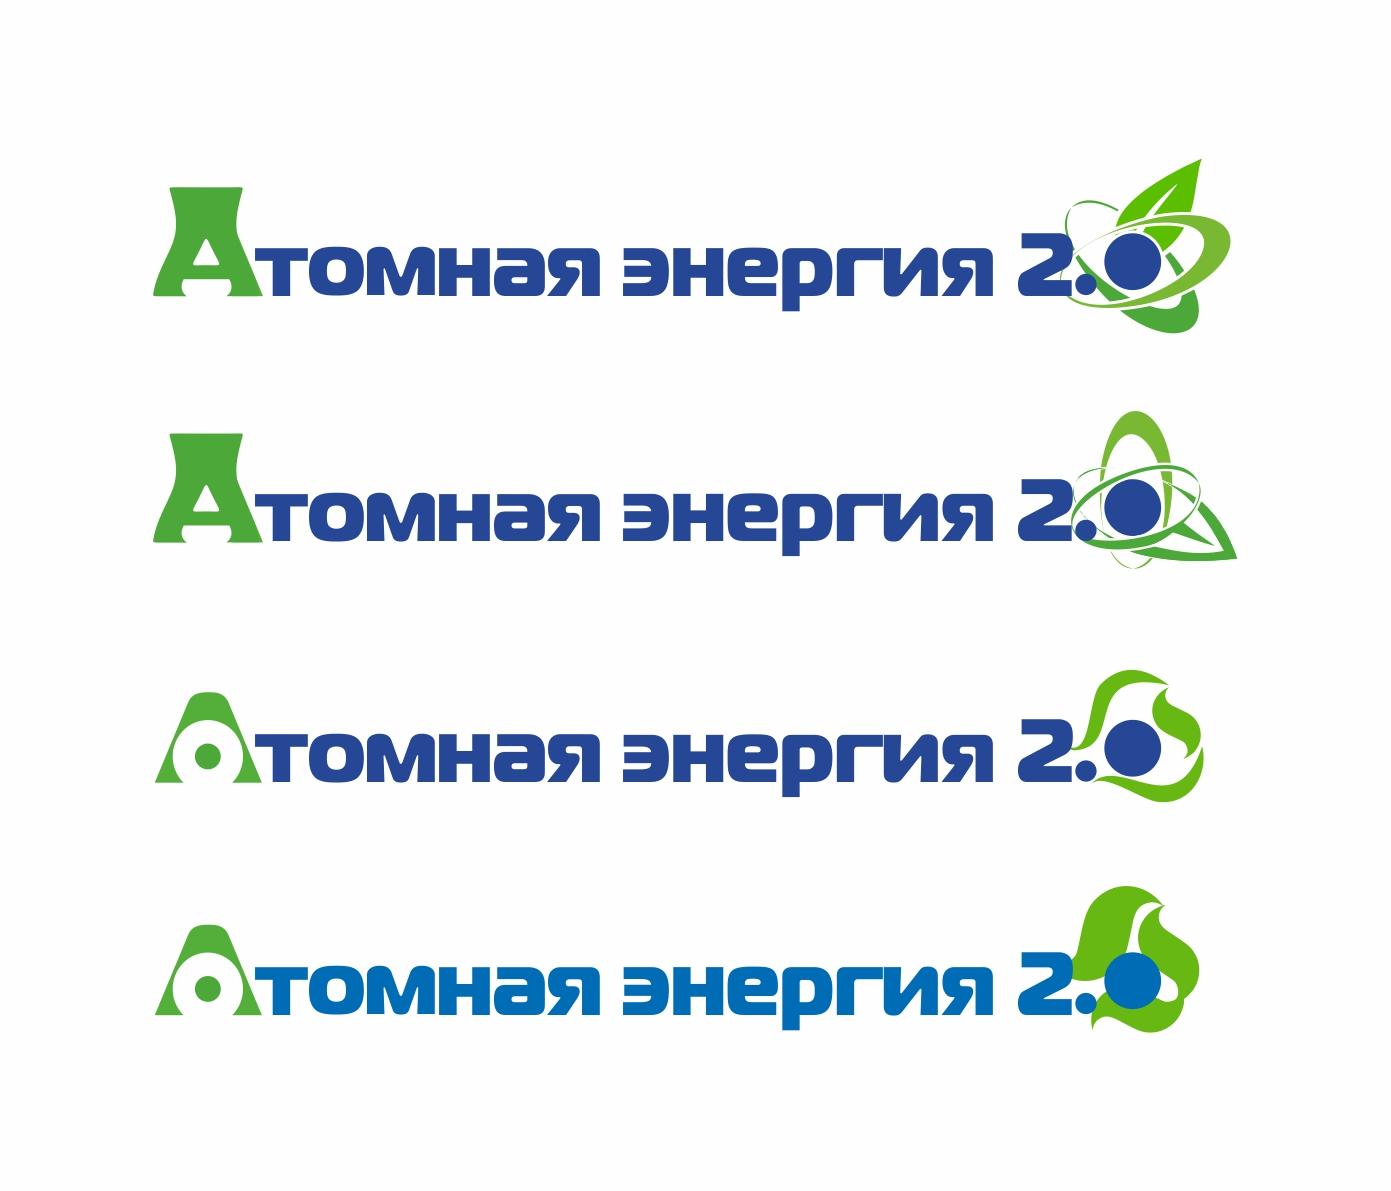 """Фирменный стиль для научного портала """"Атомная энергия 2.0"""" фото f_78559dd9e884b4d5.jpg"""